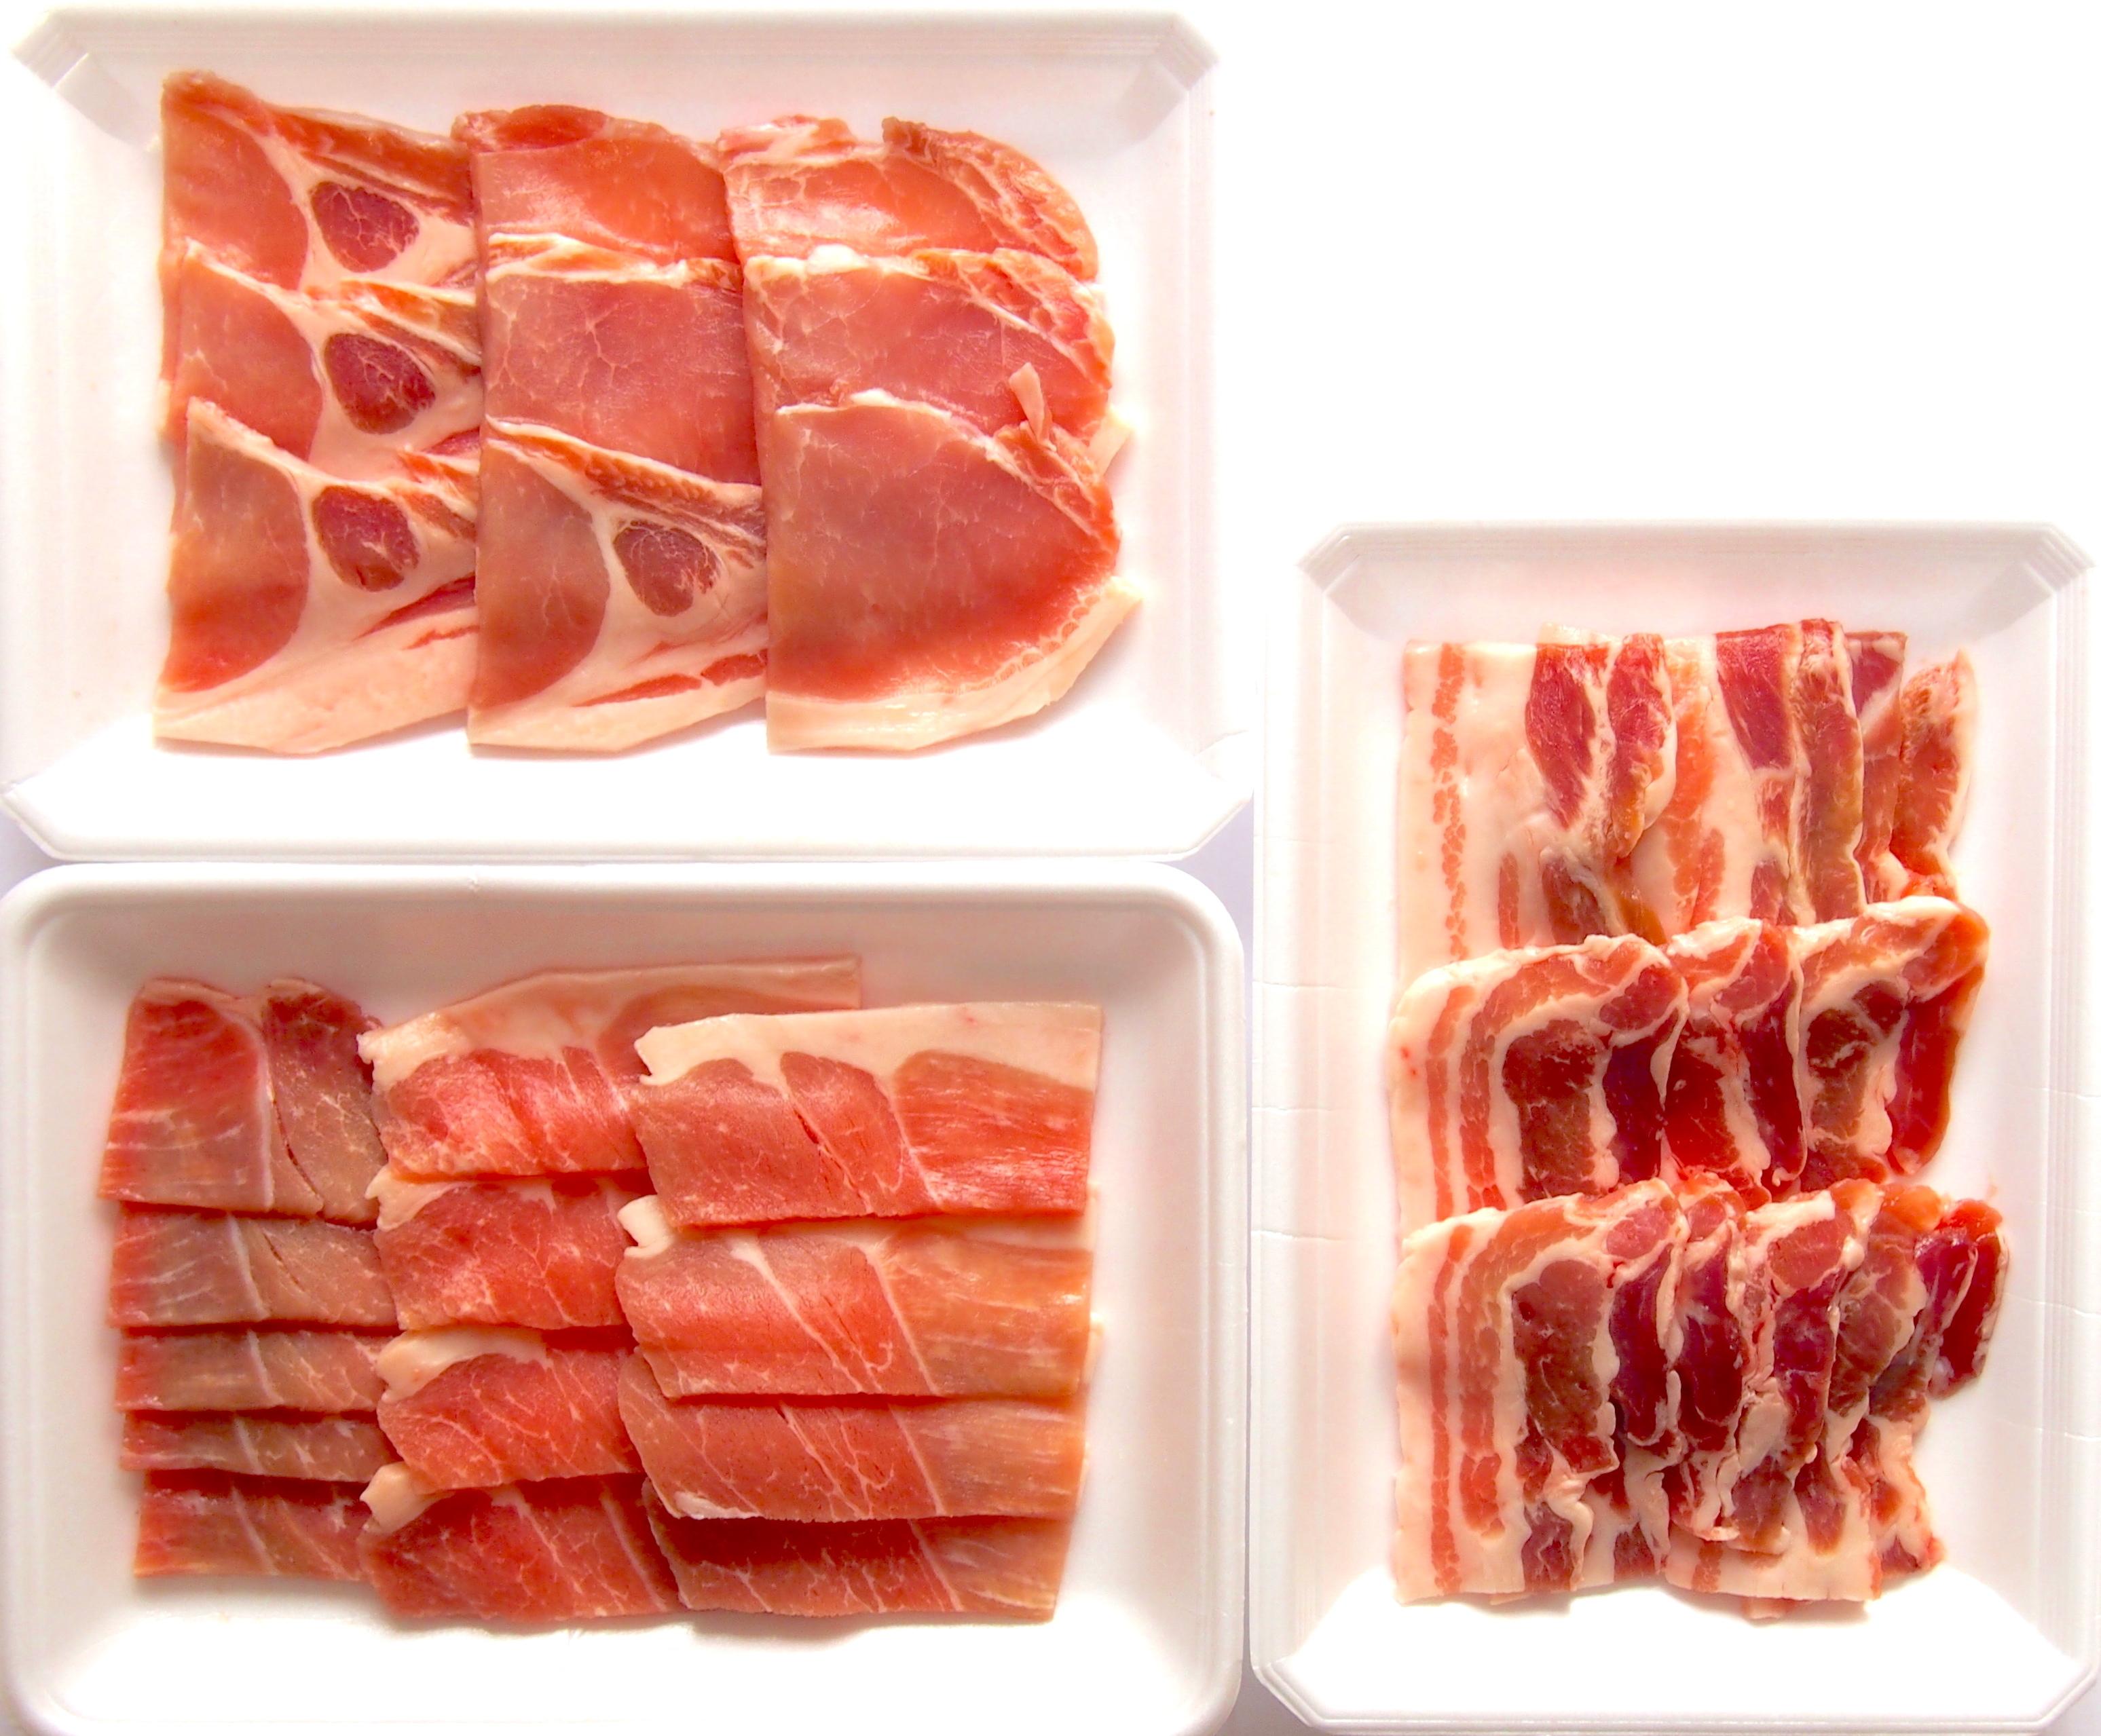 ぴりか豚 焼き肉 人気3部位食べ比べセット【3〜4人用】